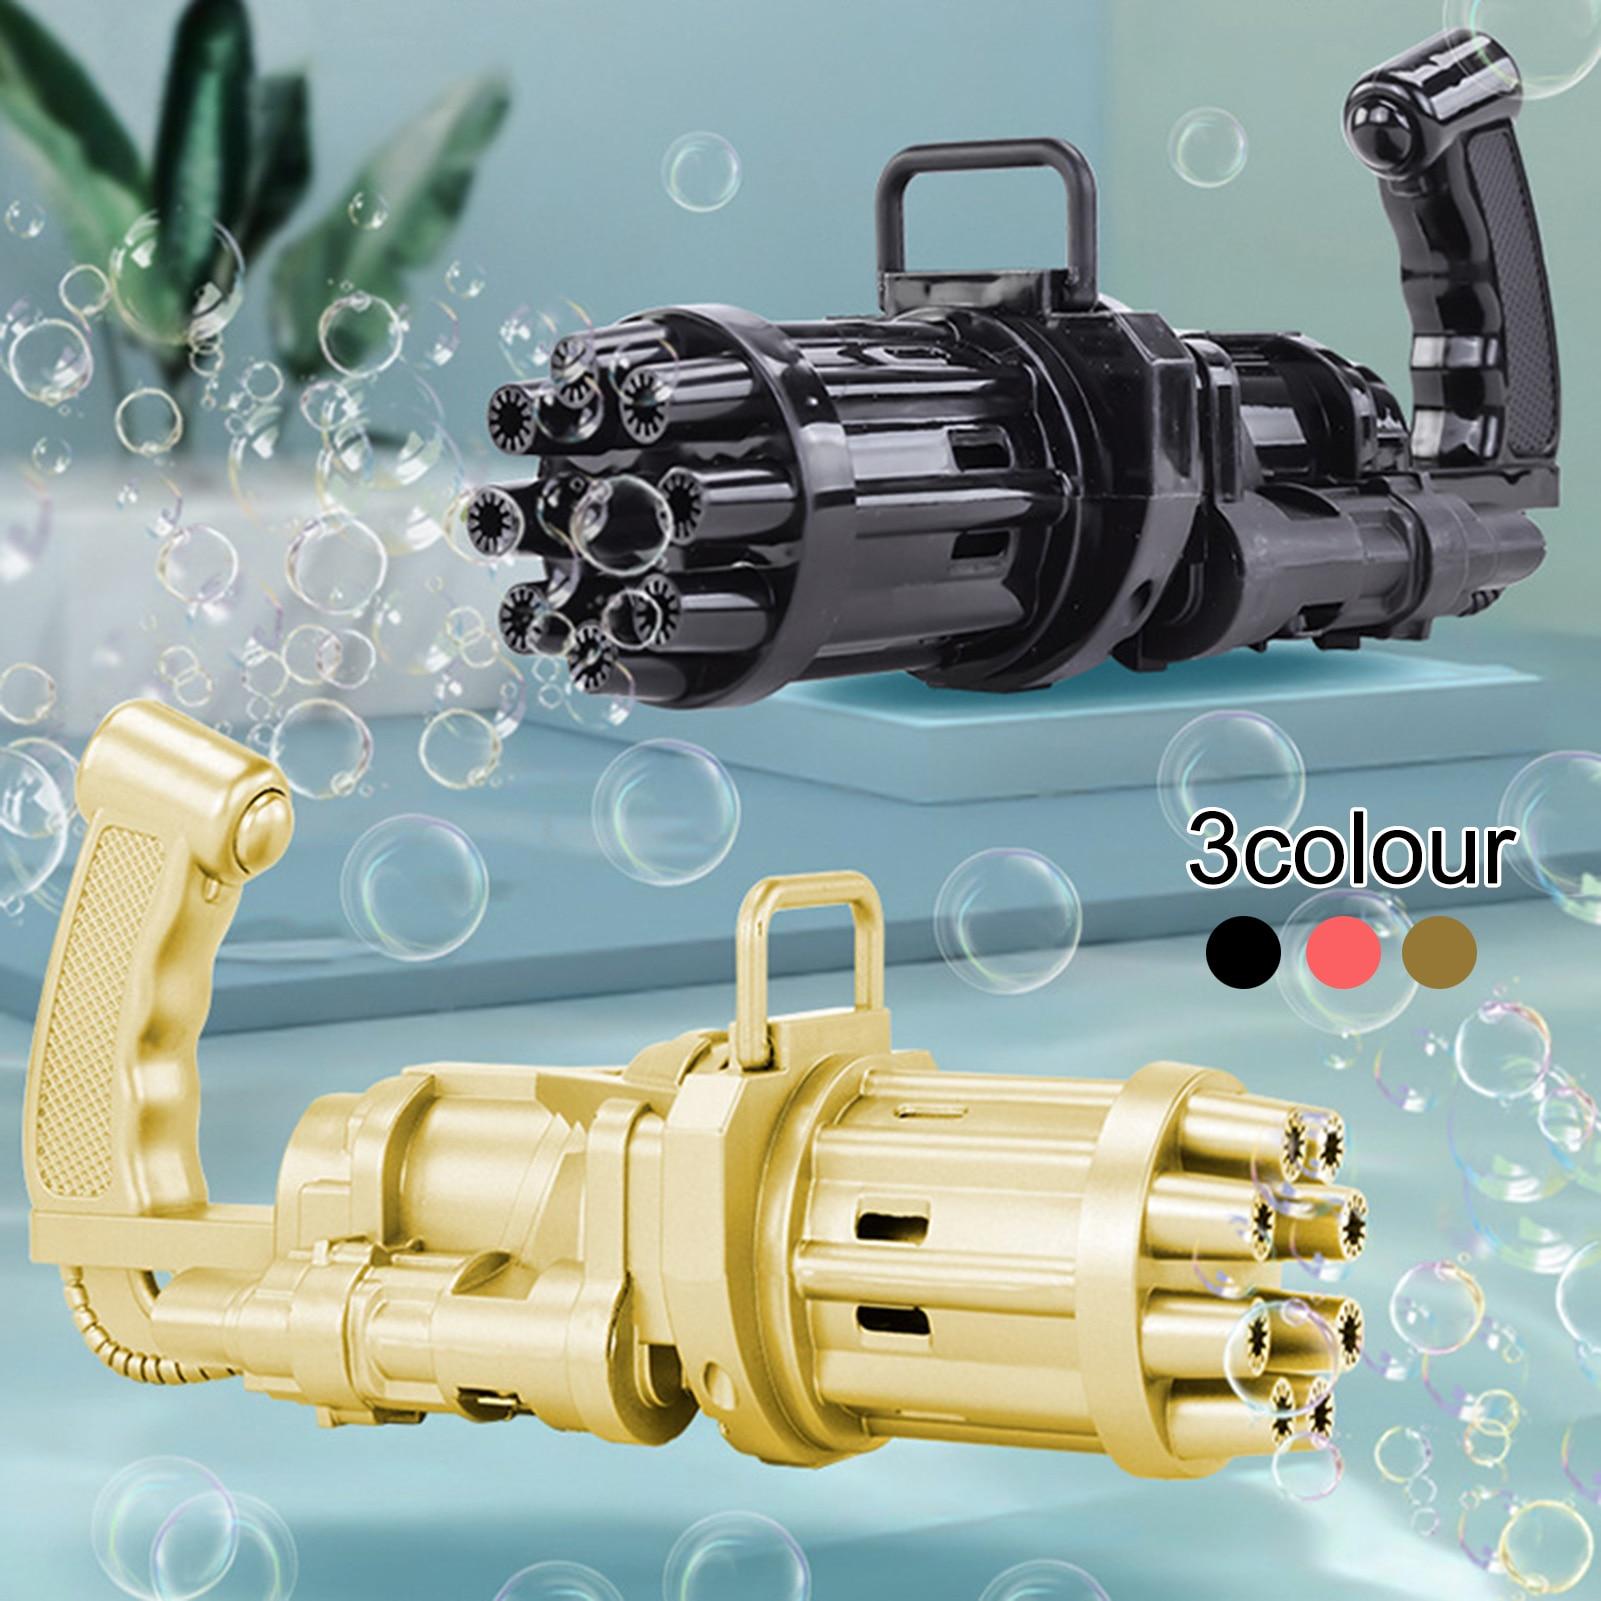 Автоматическая пузырчатая машина 2 в 1, пистолет для мыльных пузырей, автоматический аппарат для приготовления воздушных пузырей для детей, ...